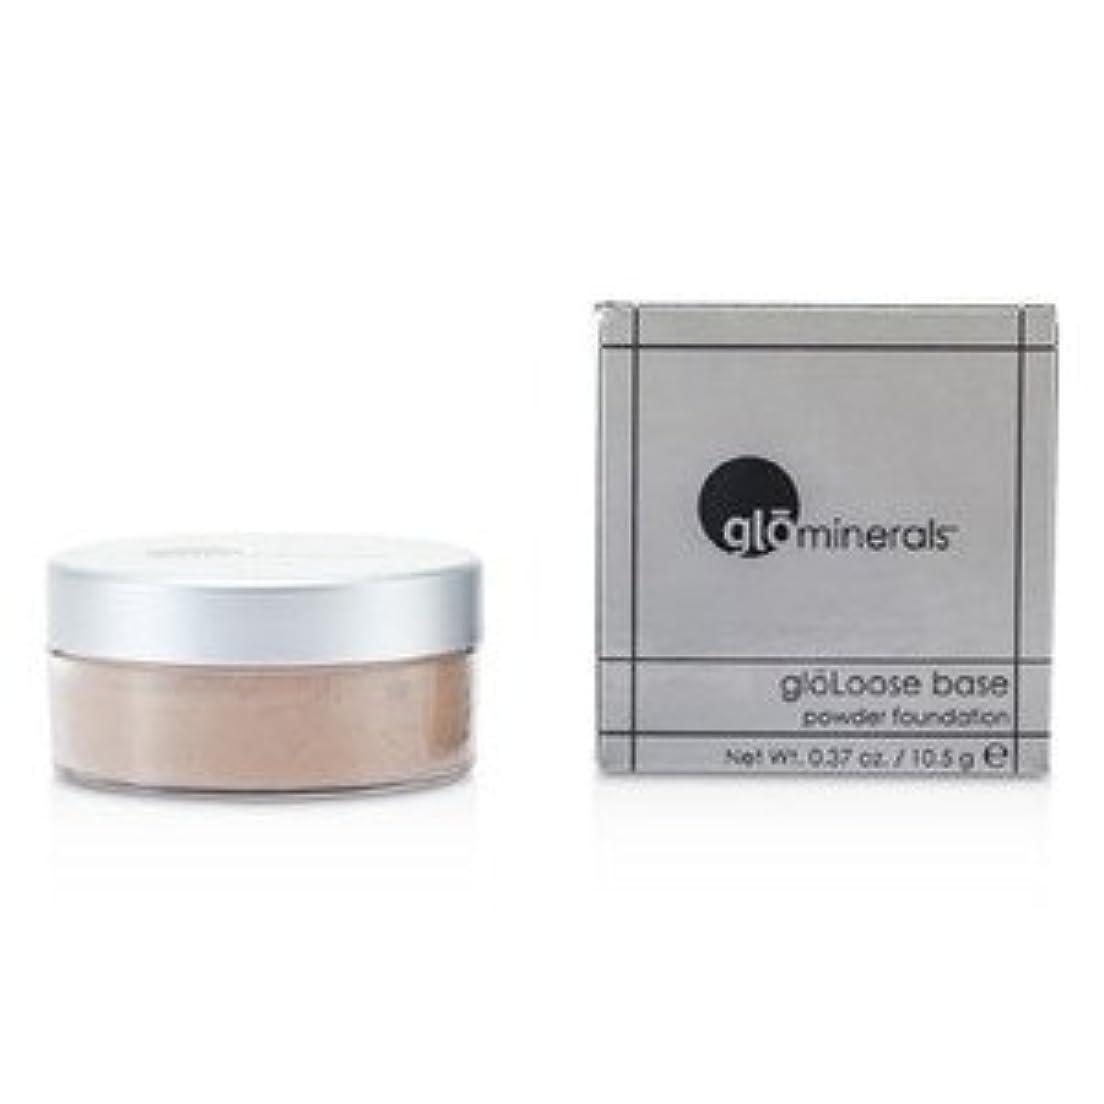 不健康うめき声雇用者glo minerals(グローミネラルズ) グロールースベース(パウダーファンデーション)- ベイジュダーク 10.5g/0.37oz [並行輸入品]